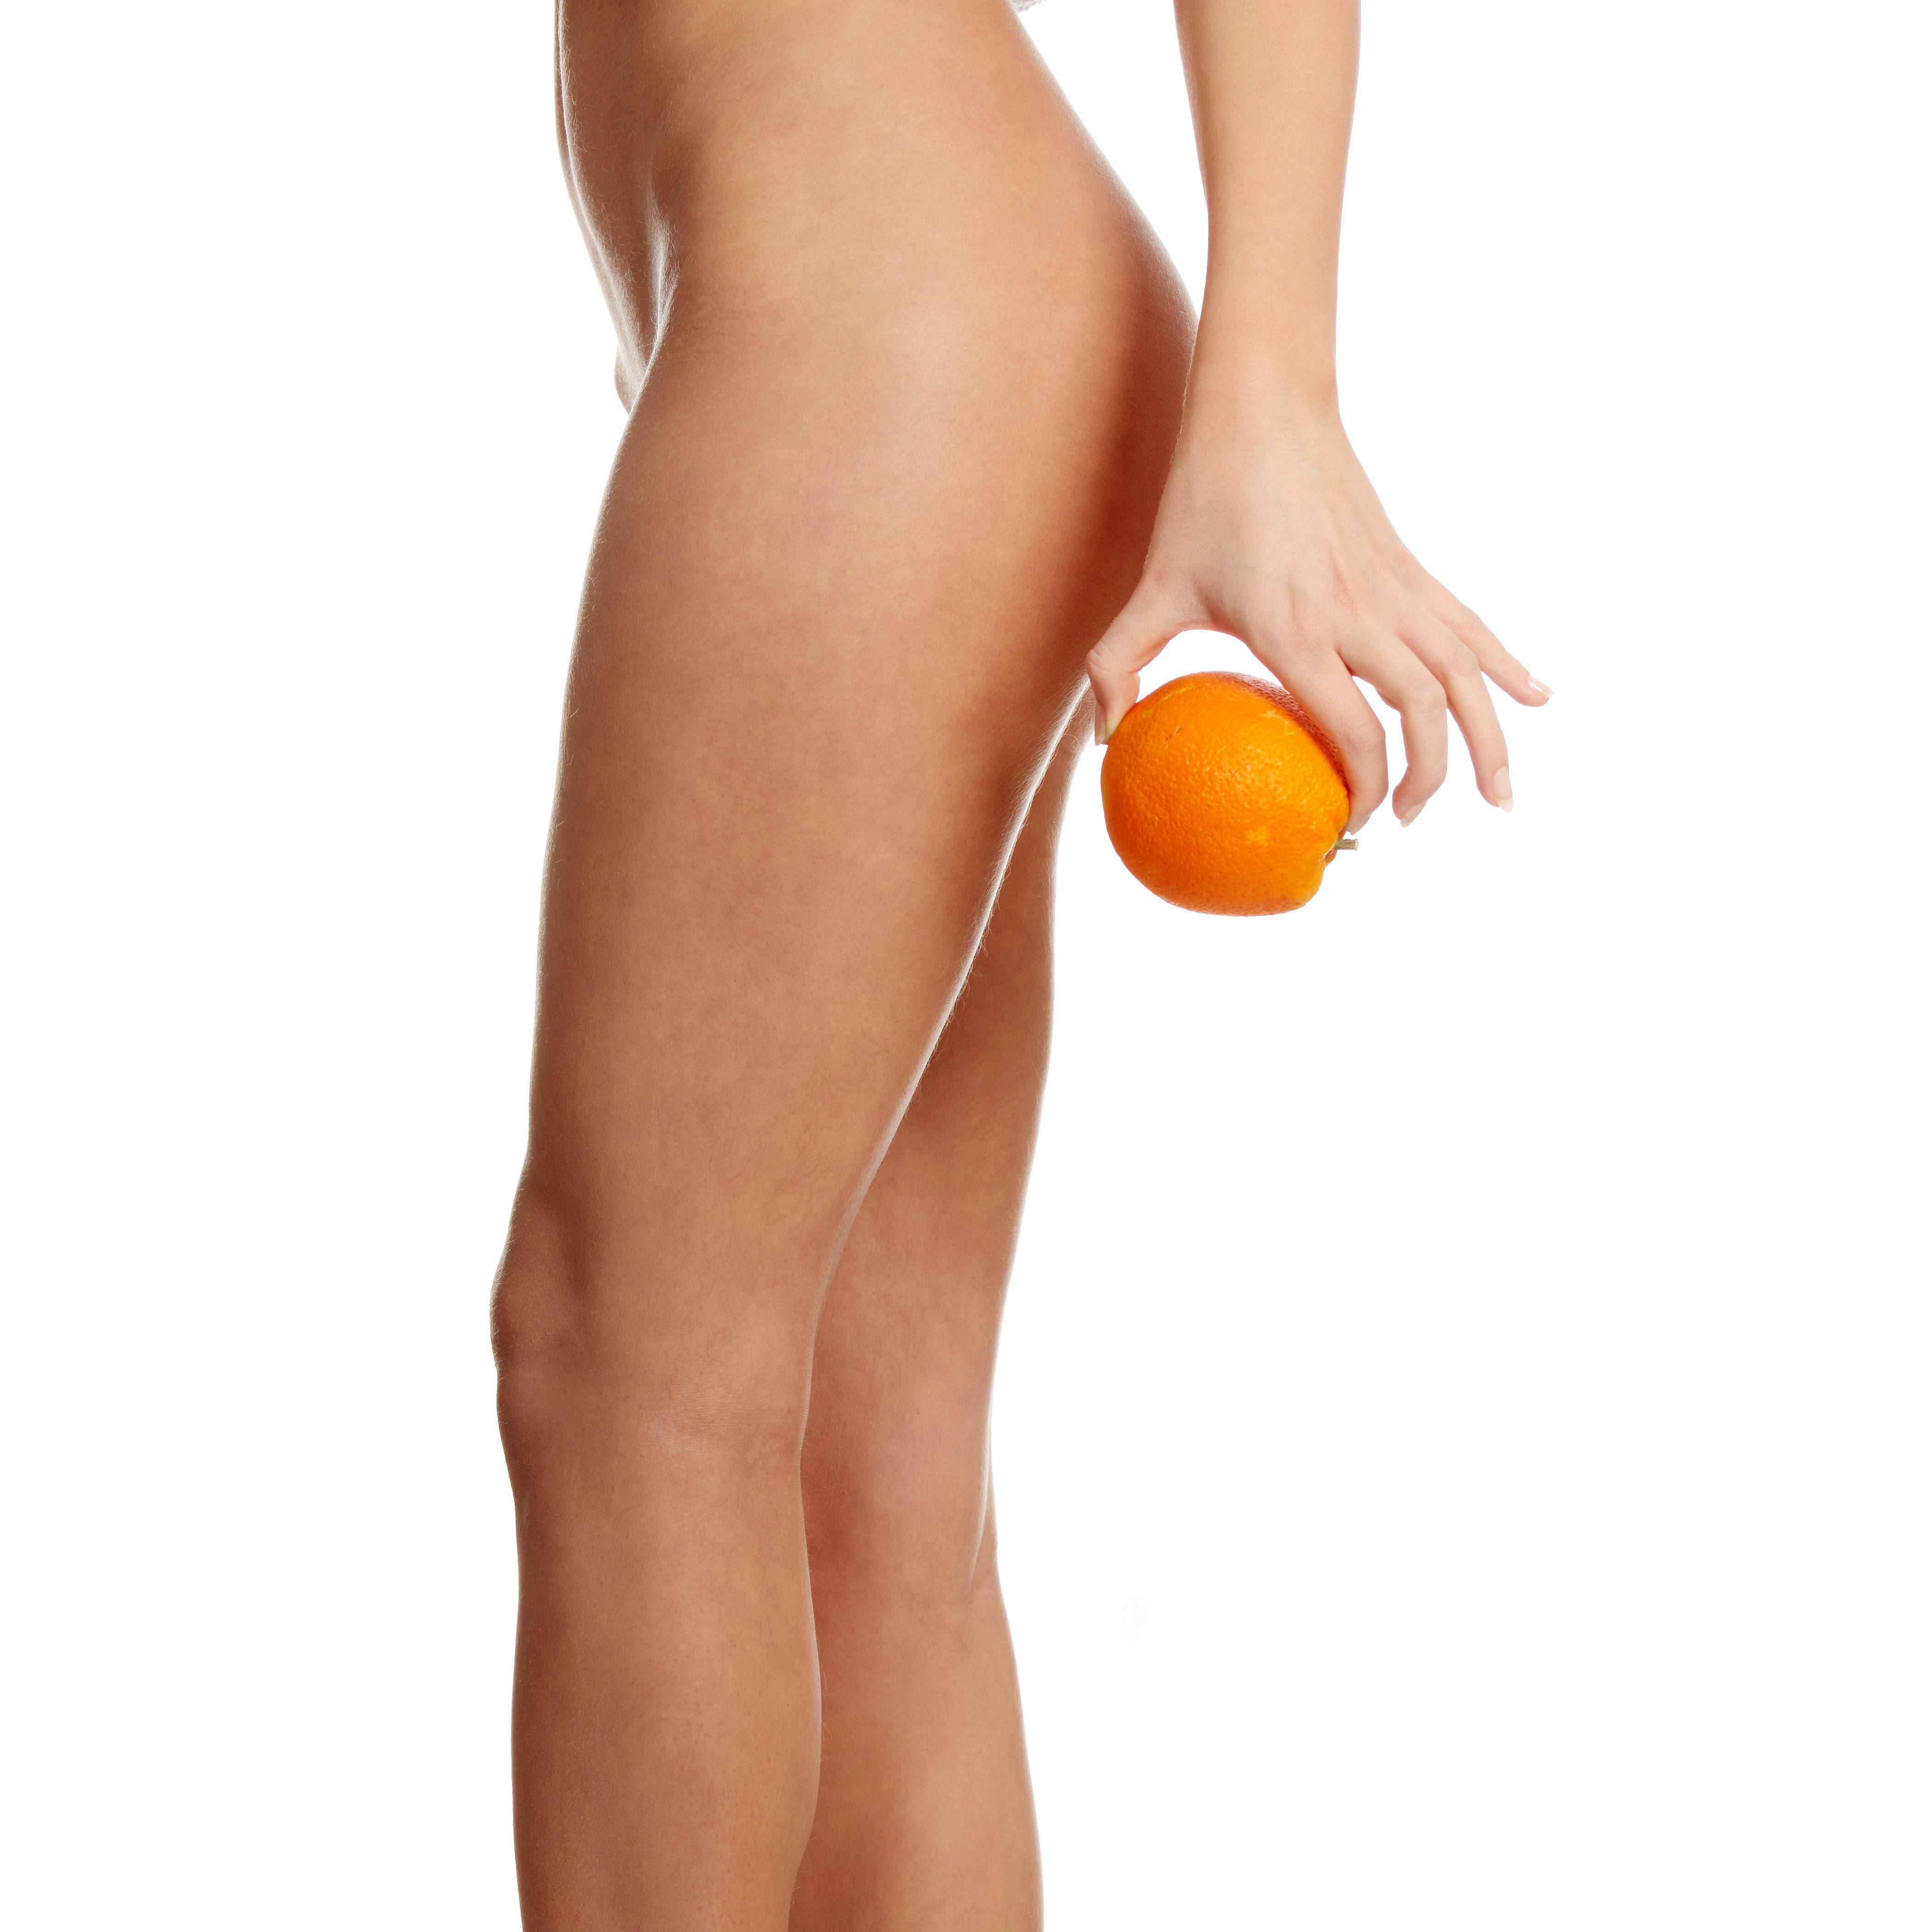 Целлюлит на ягодицах и жир между ног можно убрать в домашних условиях, выполняя комплекс упражнений и делать массаж бедер и попы без посторонней помощи